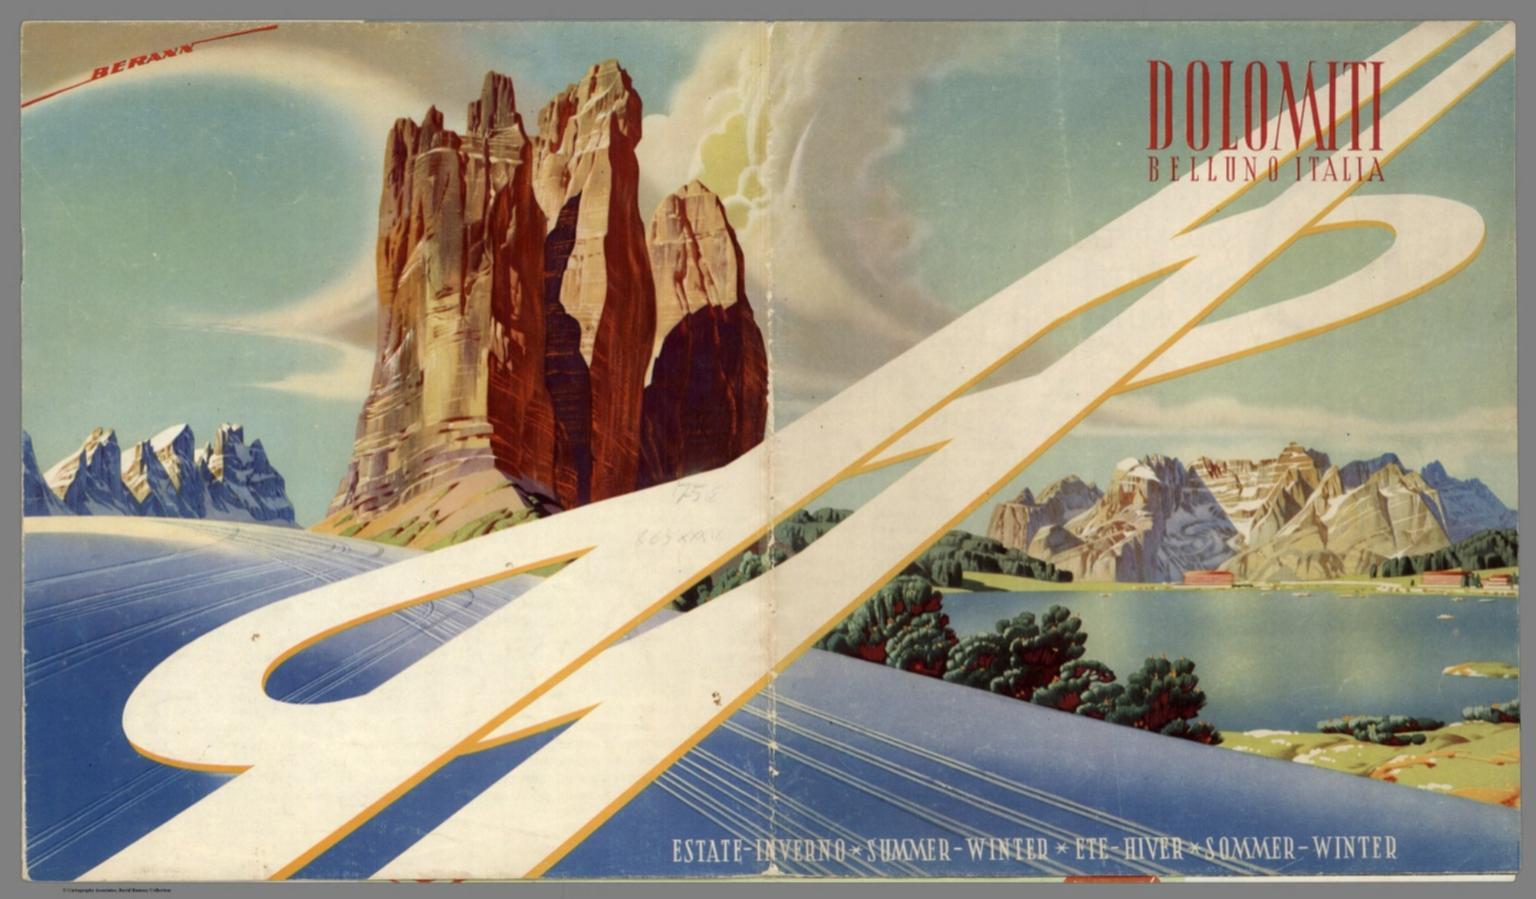 Cover: Dolomiti, Belluno, Italia. Summer-Winter.